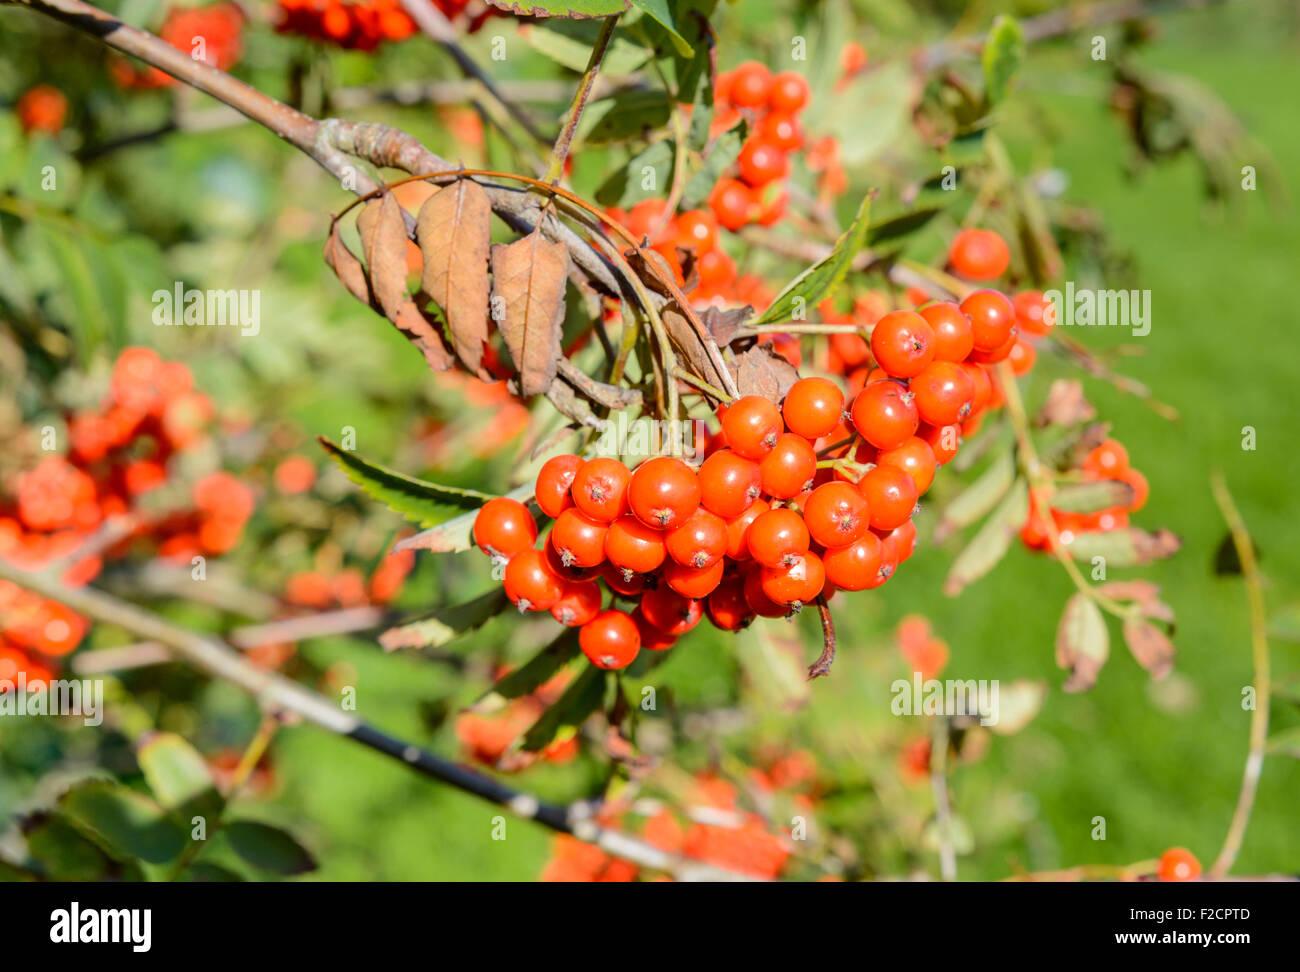 Sorbus aucuparia. Les petits fruits d'un arbre Sorbier (Rowan Tree) au début de l'automne au Royaume Photo Stock